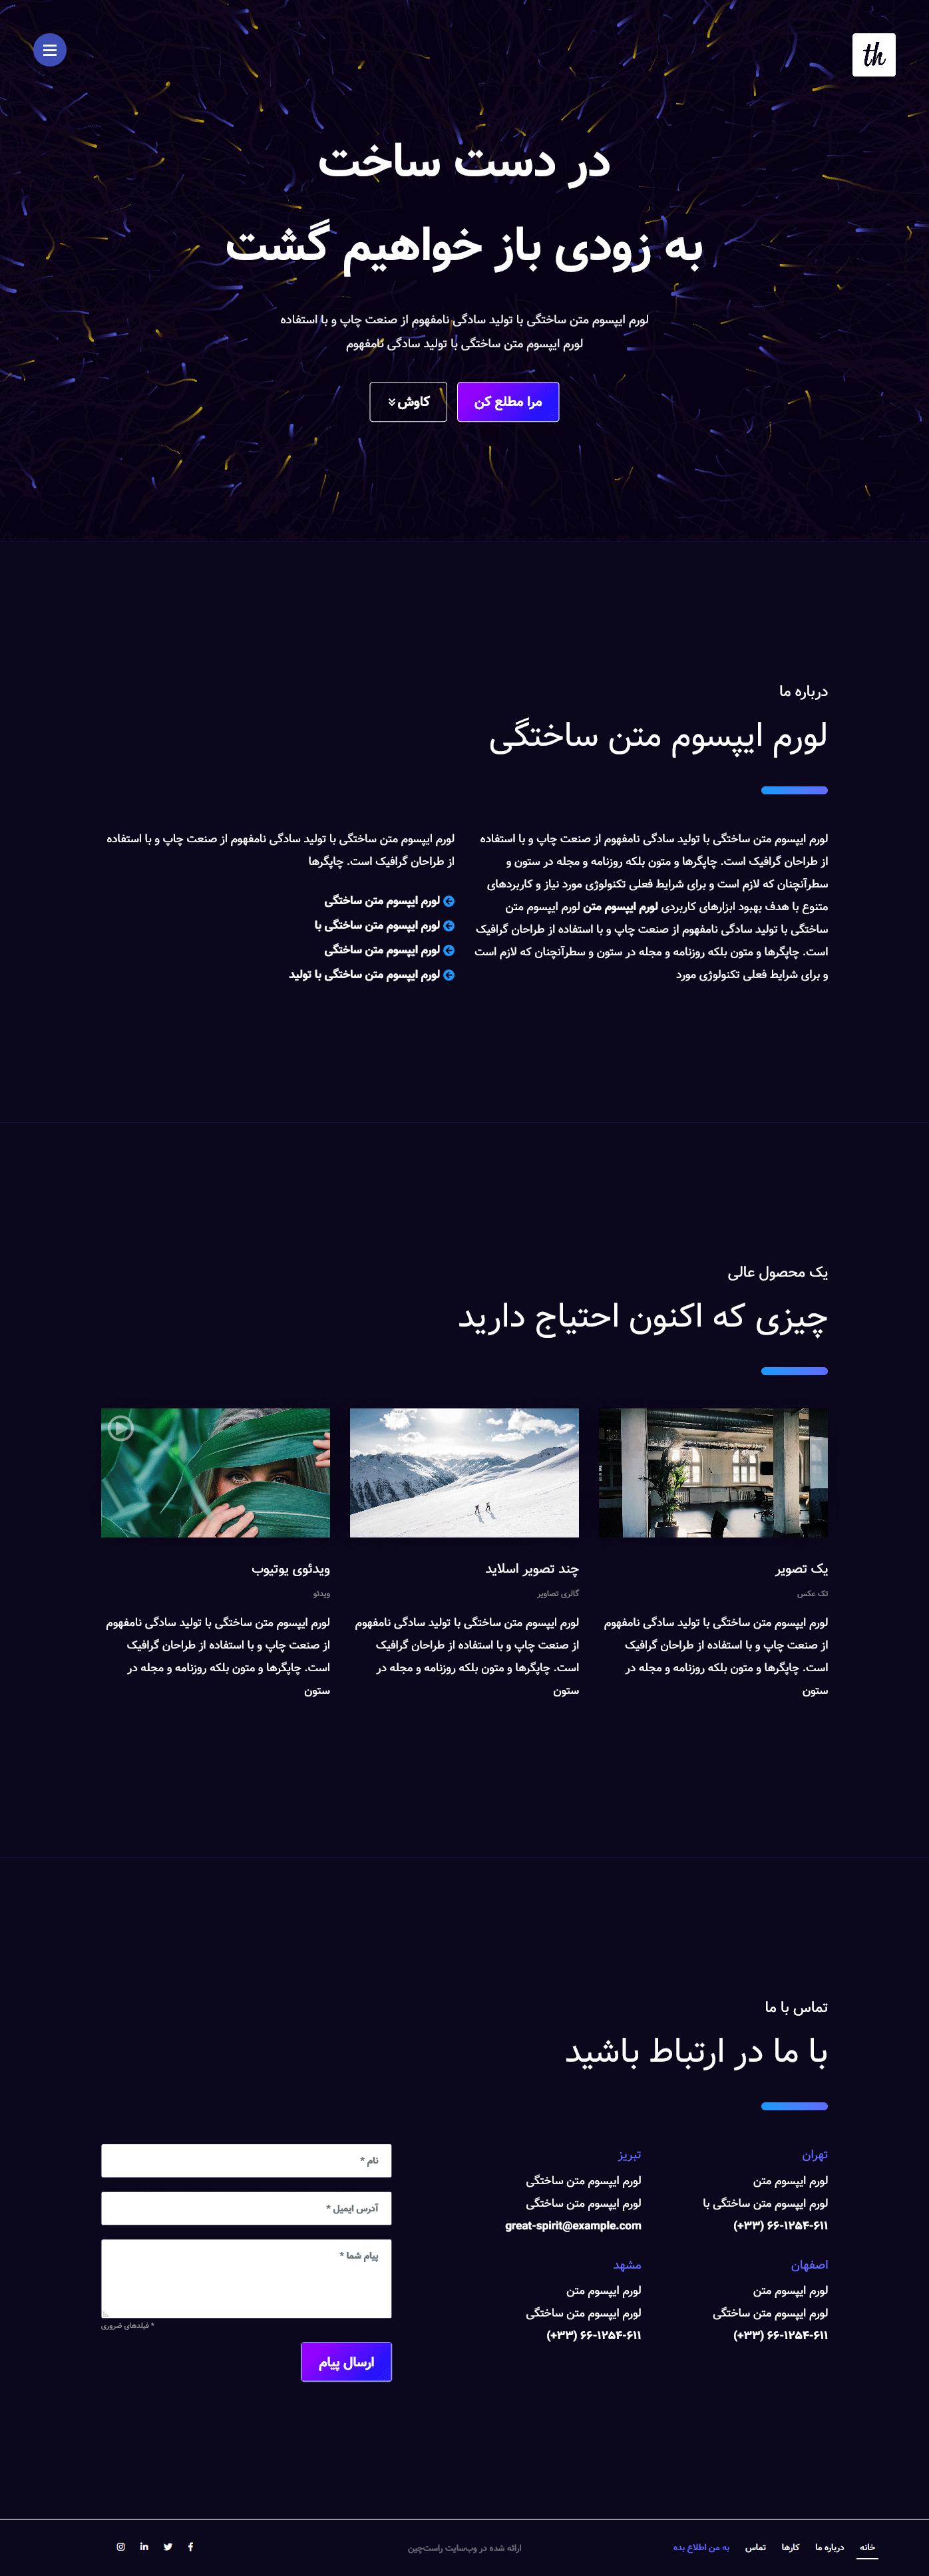 قالب صفحه در دست ساخت سفیر